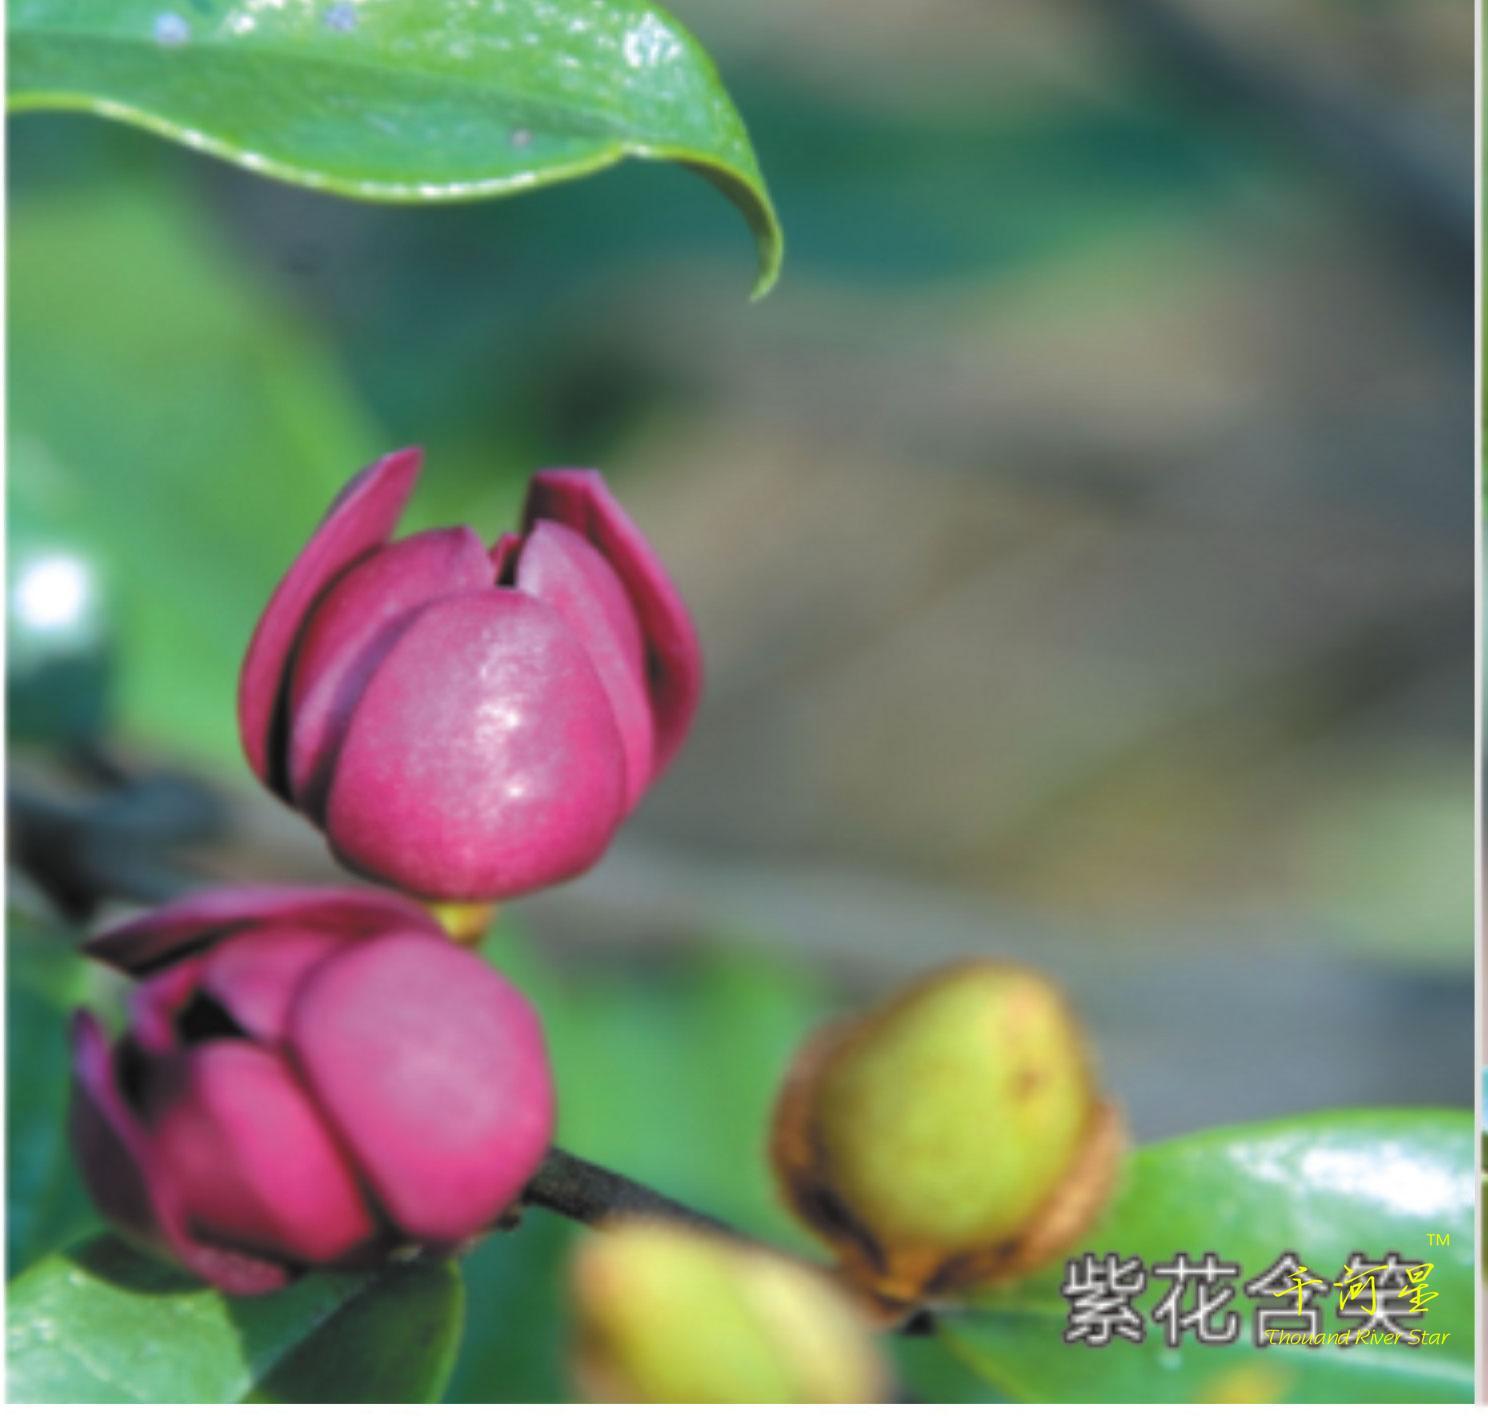 墨紫紫花含笑树苗嫁接 香蕉花 野生盆栽庭院植物醉浓香型花卉大树